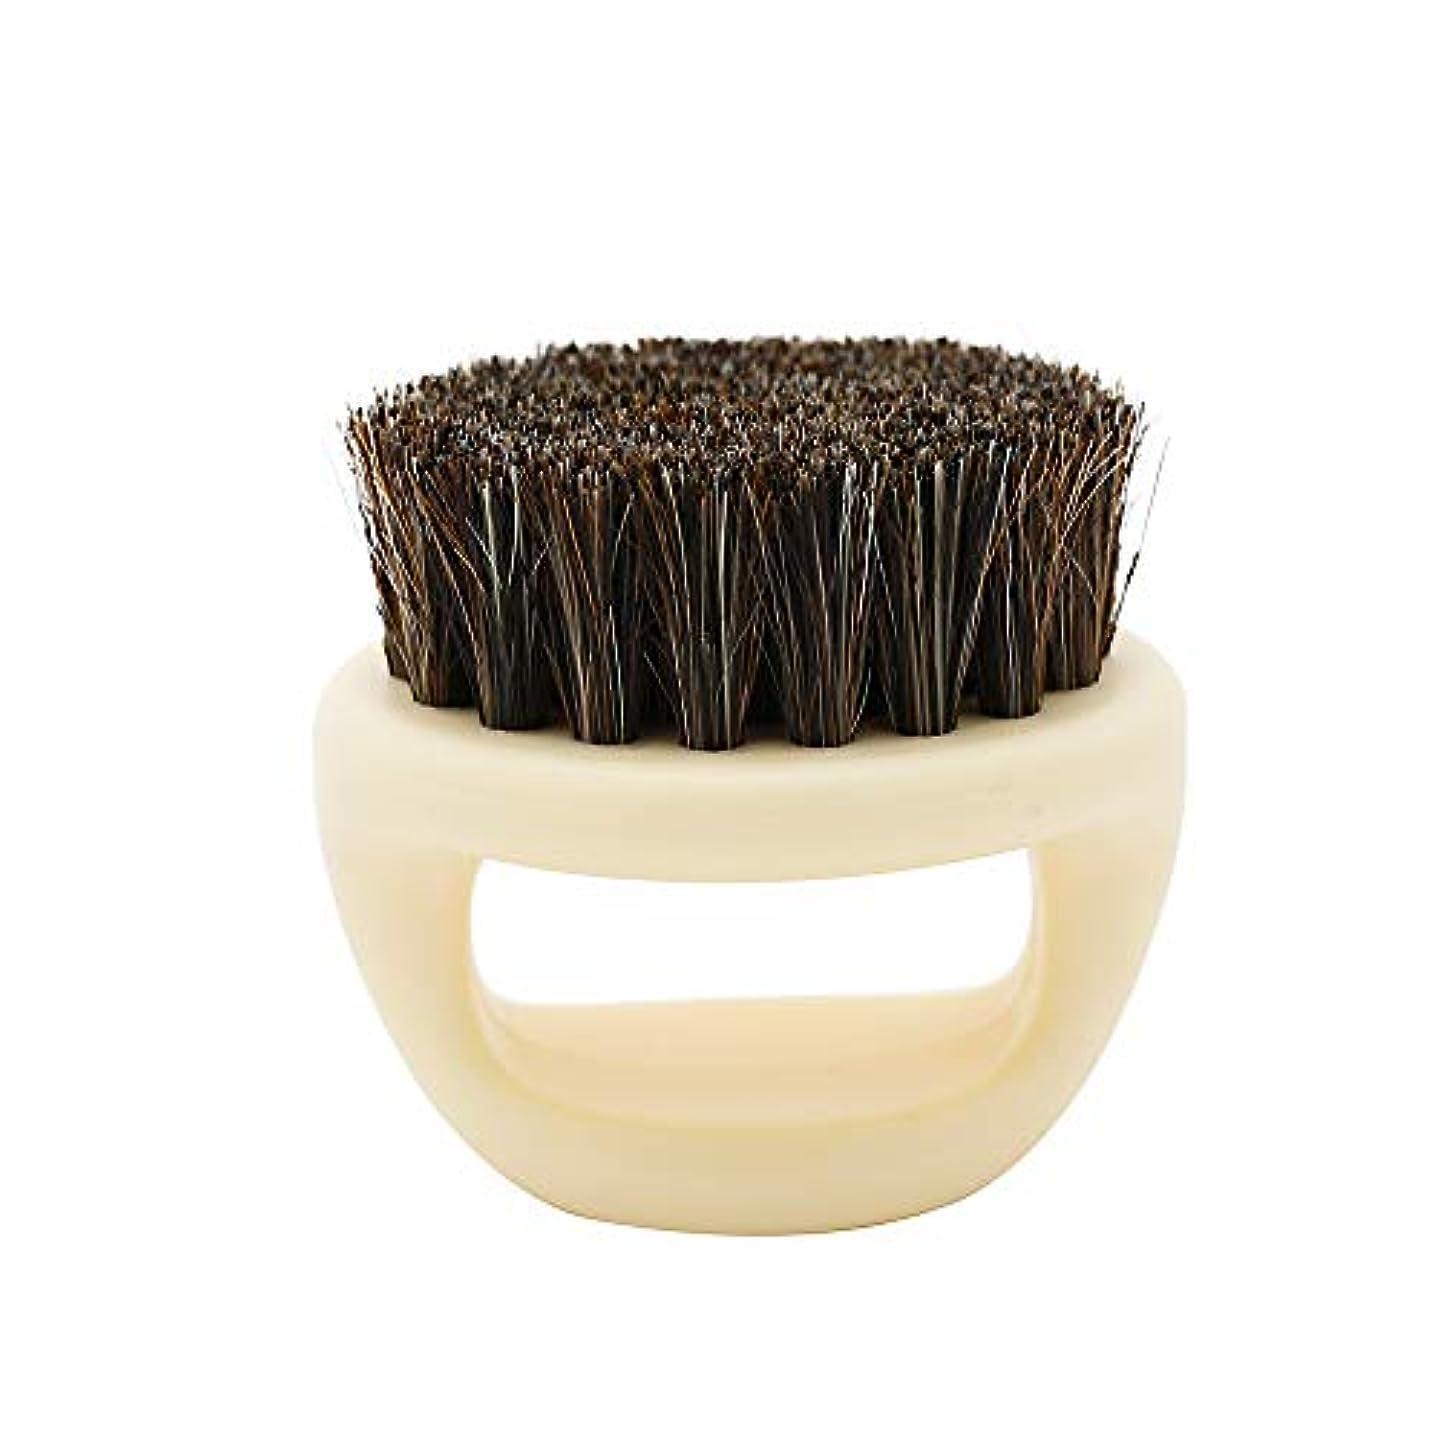 皿送金ガイドラインRETYLY 1個リングデザイン馬毛メンズシェービングブラシプラスチック製の可搬式理容ひげブラシサロンフェイスクリーニングかみそりブラシ(ホワイト)